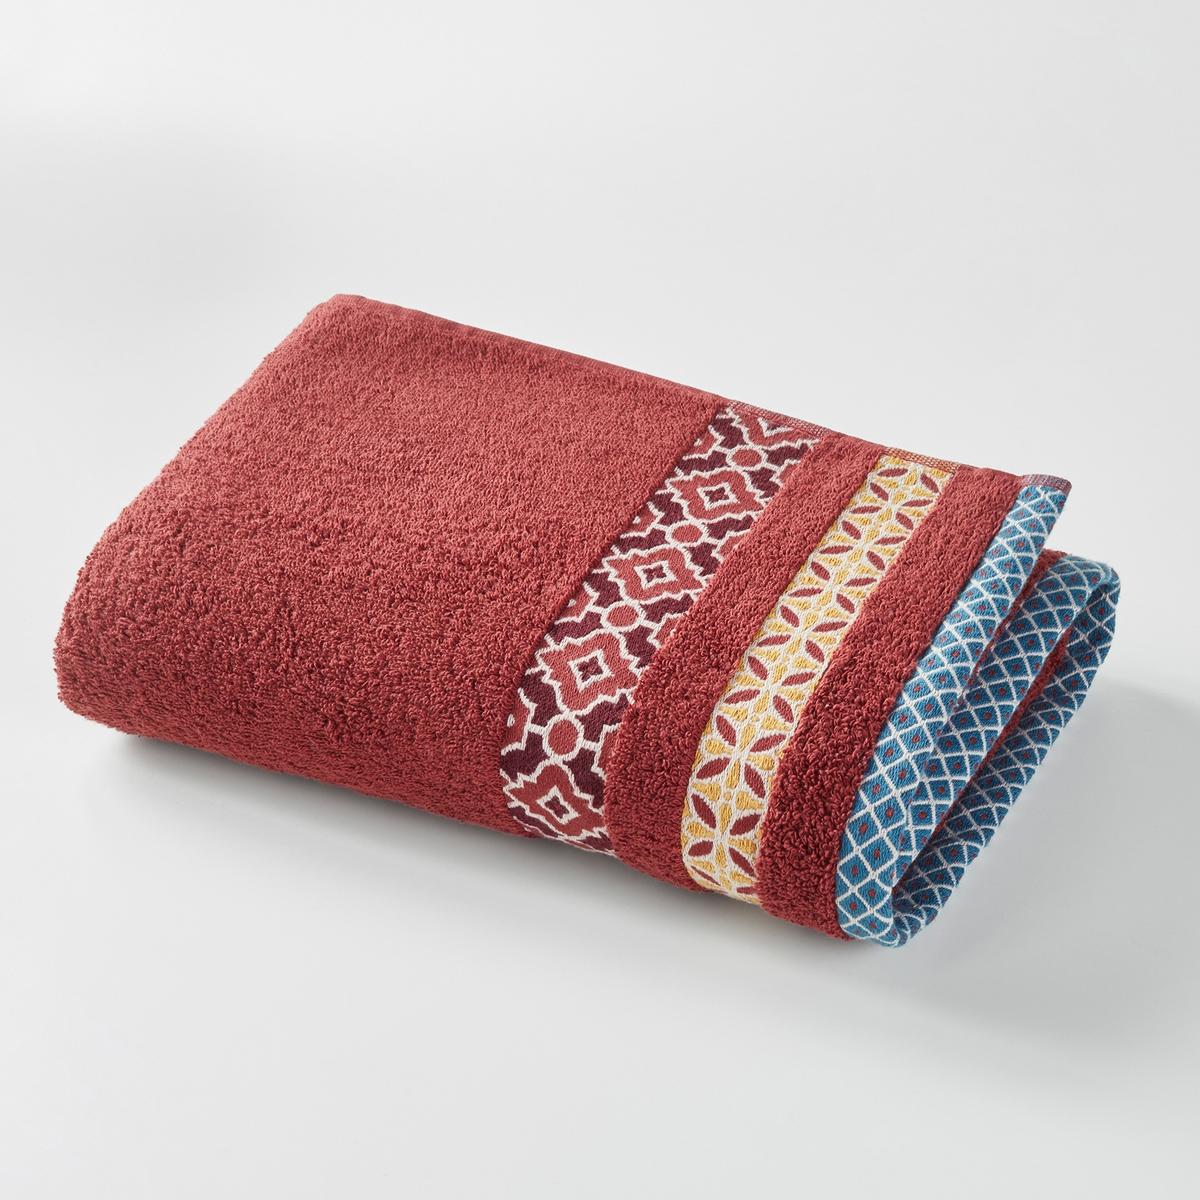 цены Полотенце La Redoute Для рук из махровой ткани хлопок EVORA 50 x 100 см оранжевый